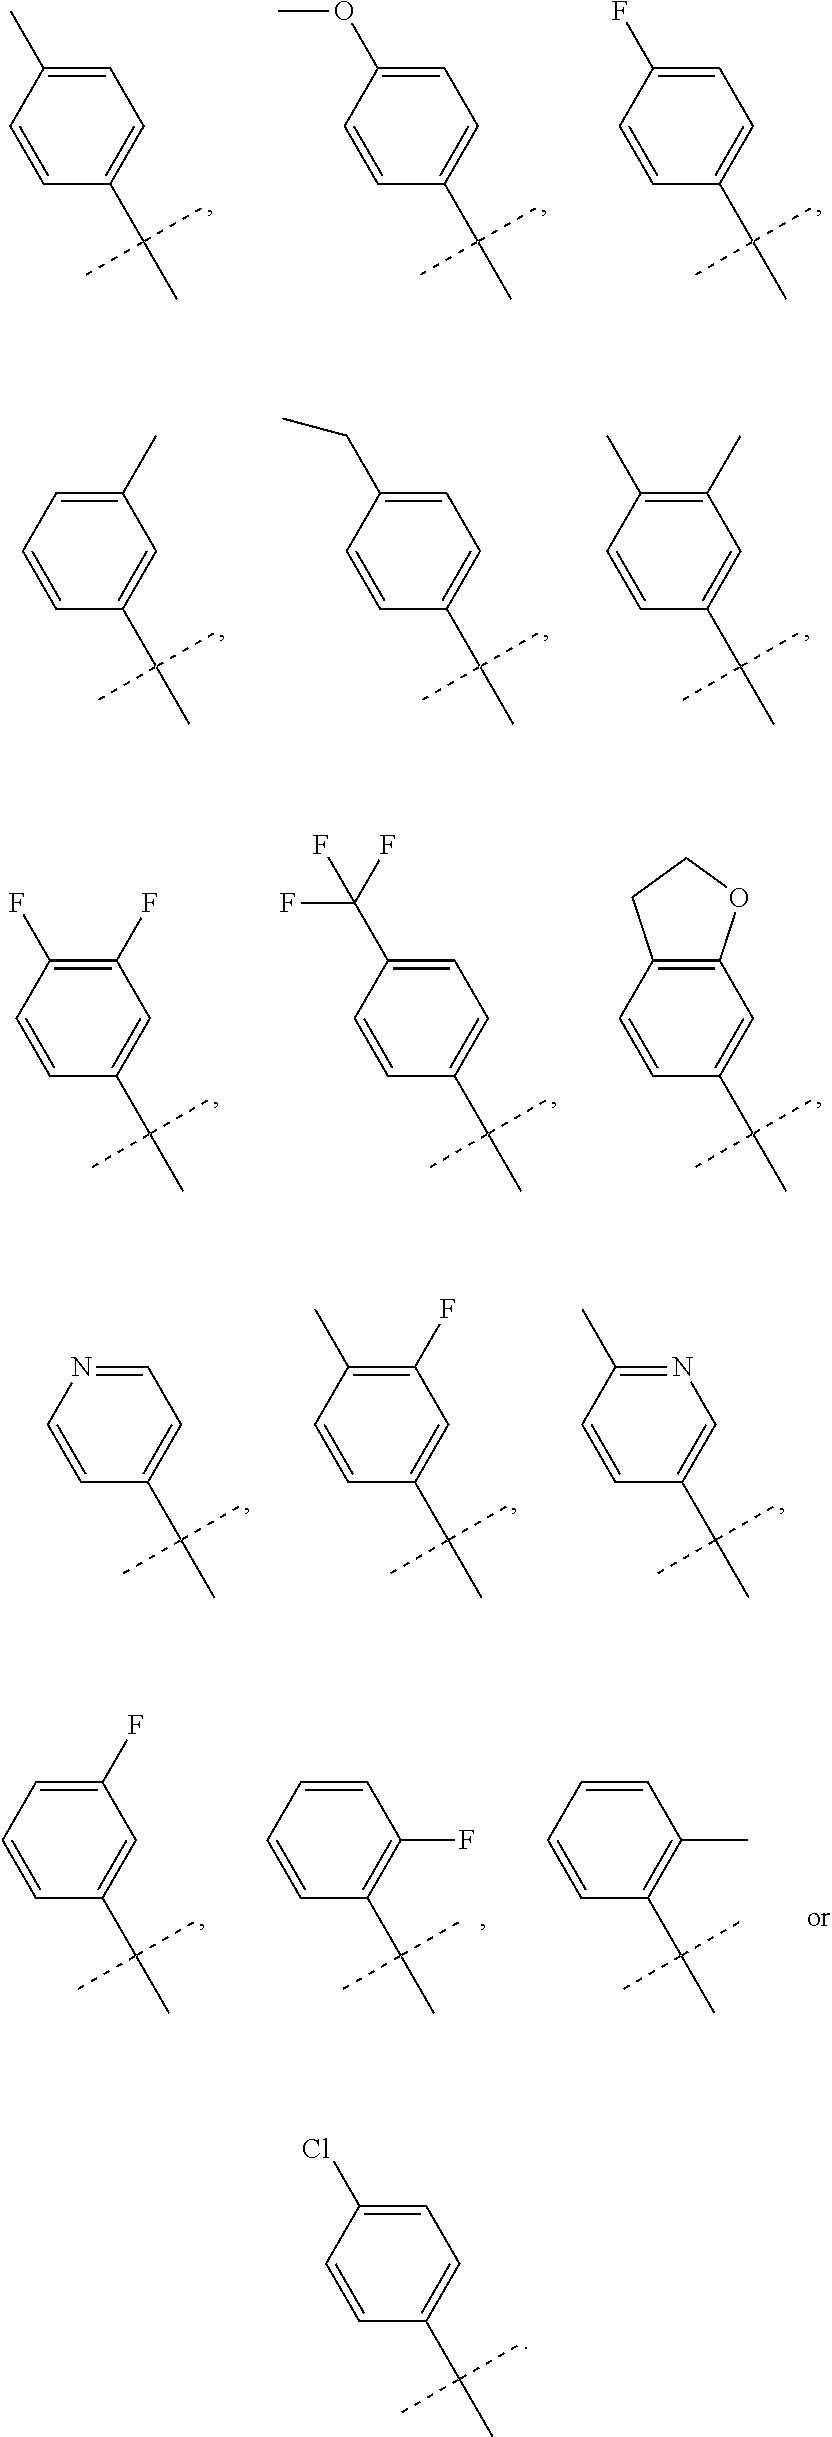 Figure US20150005311A1-20150101-C00057